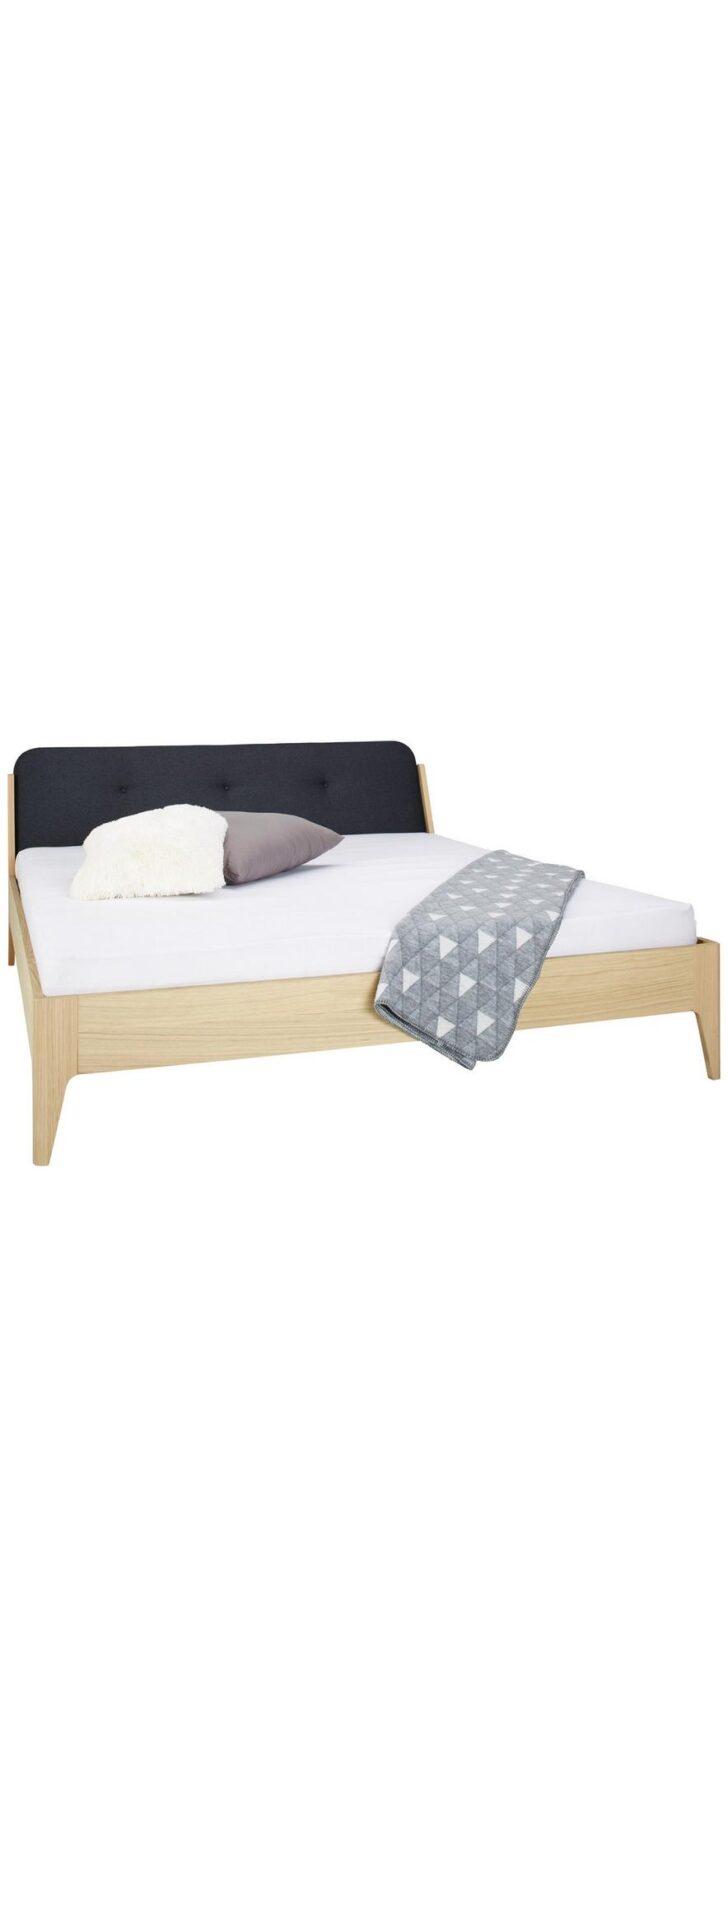 Medium Size of Bett Design Holz Betten Massivholz Schlicht In Eichefarben Ca 180x200cm Online Kaufen Mmax Designer Badezimmer Mit Matratze Und Lattenrost 140x200 Fliesen Wohnzimmer Bett Design Holz